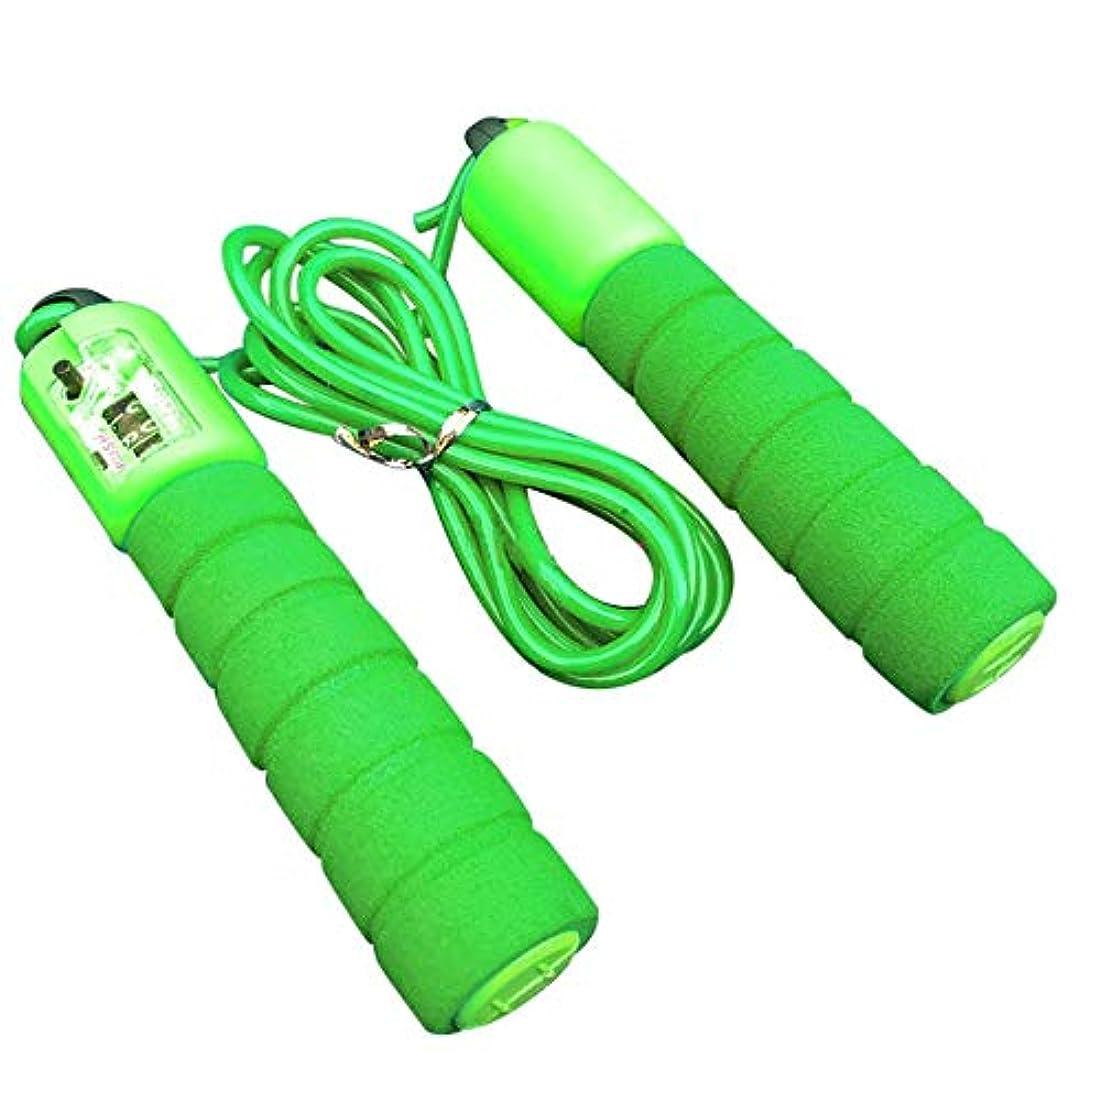 却下する超音速頭痛調節可能なプロフェッショナルカウント縄跳び自動カウントジャンプロープフィットネス運動高速カウントジャンプロープ - グリーン